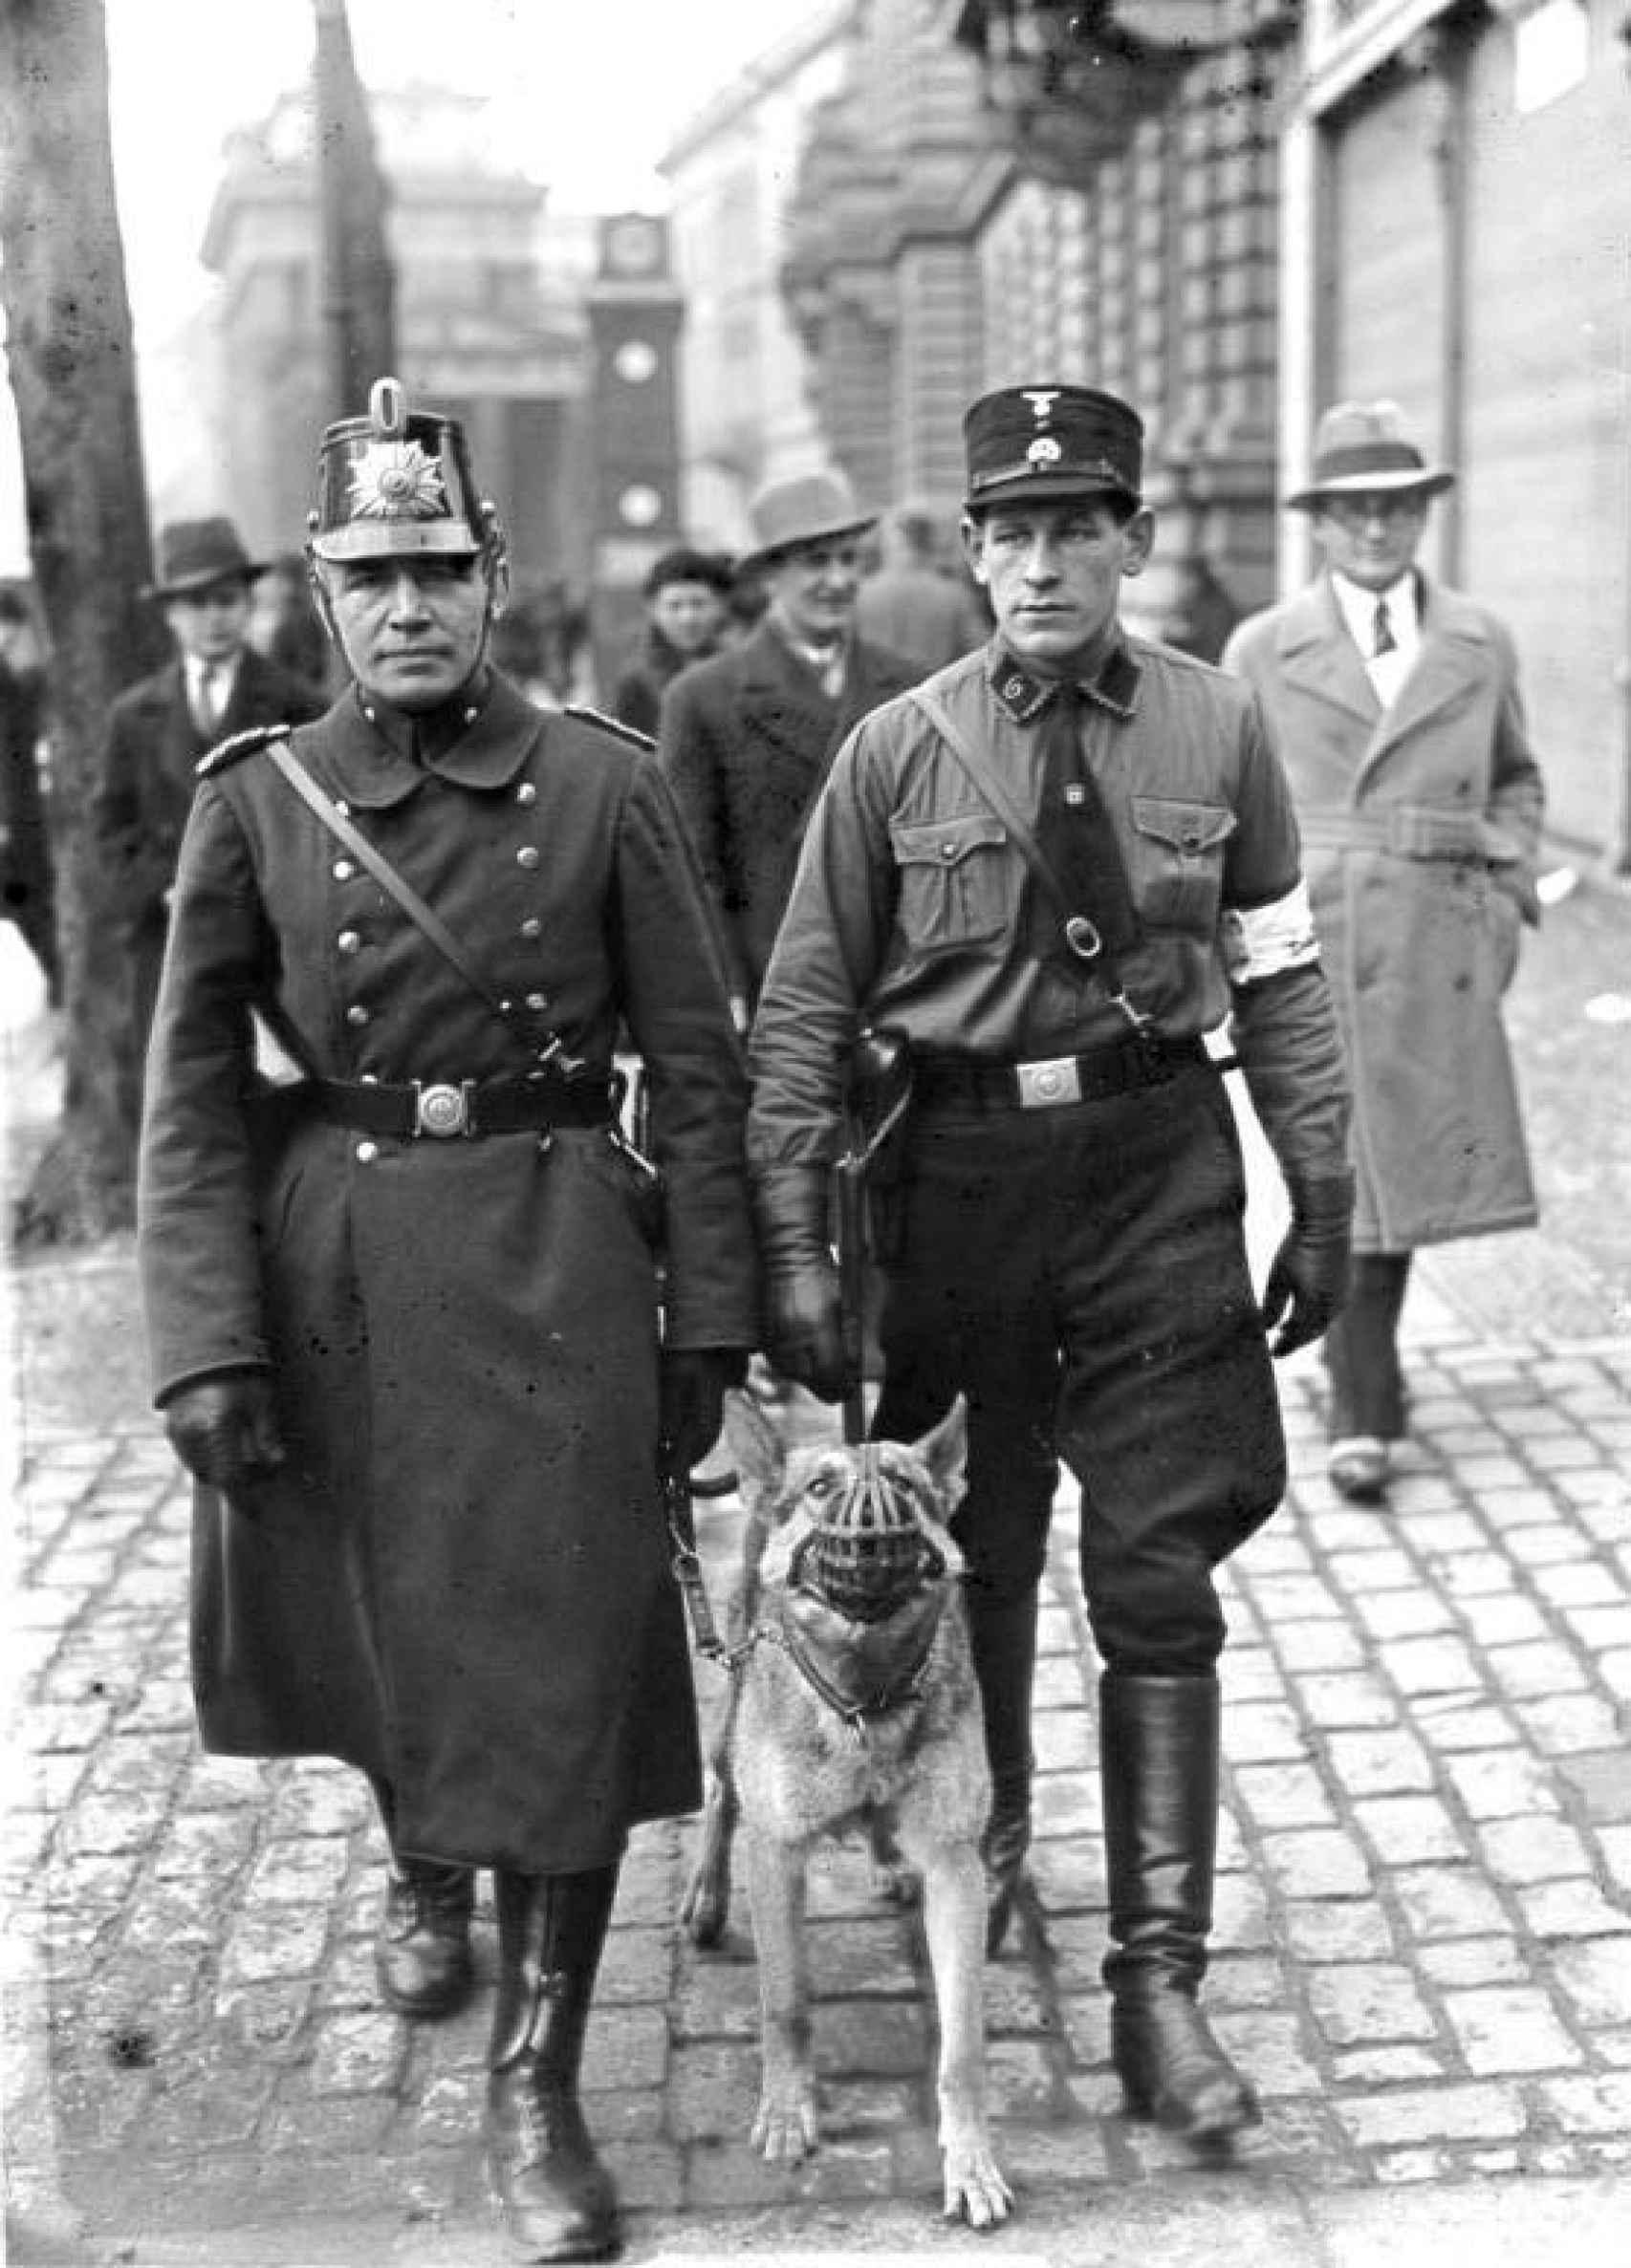 Una patrulla compuesta por un policía y un miembro de las SA, de patrulla durante las elecciones.